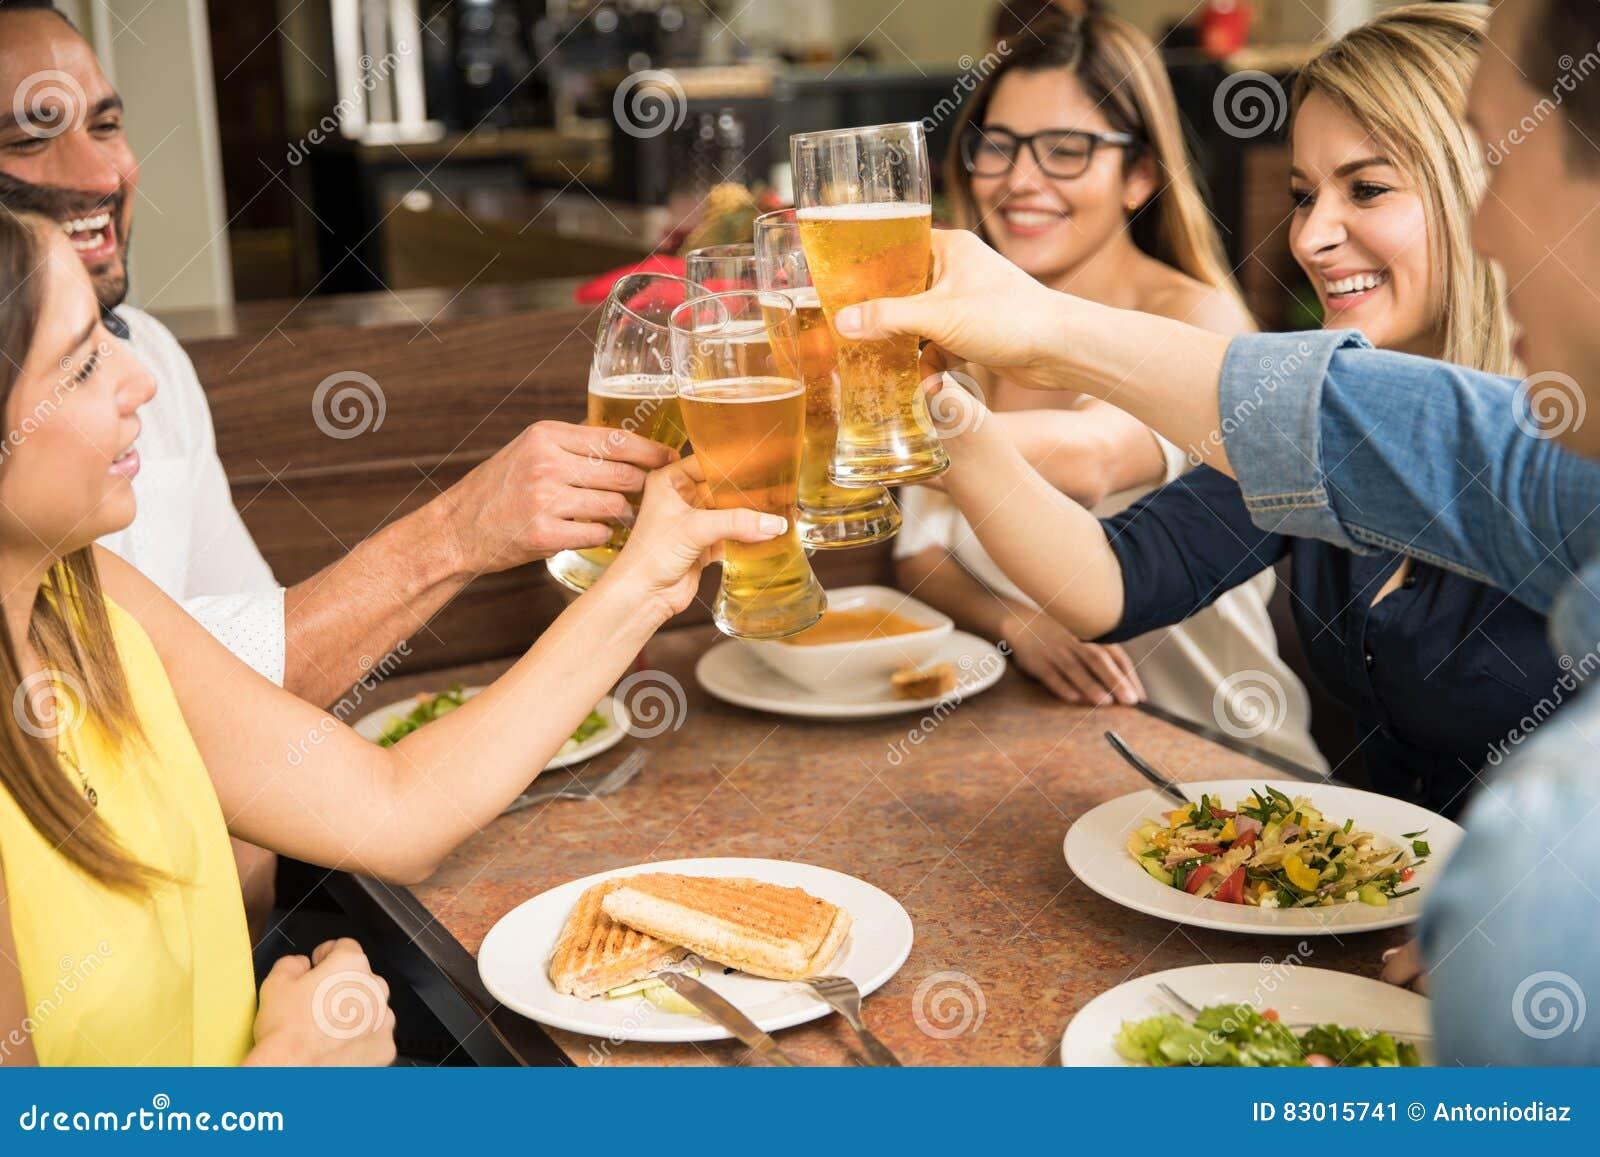 喝啤酒的小组朋友